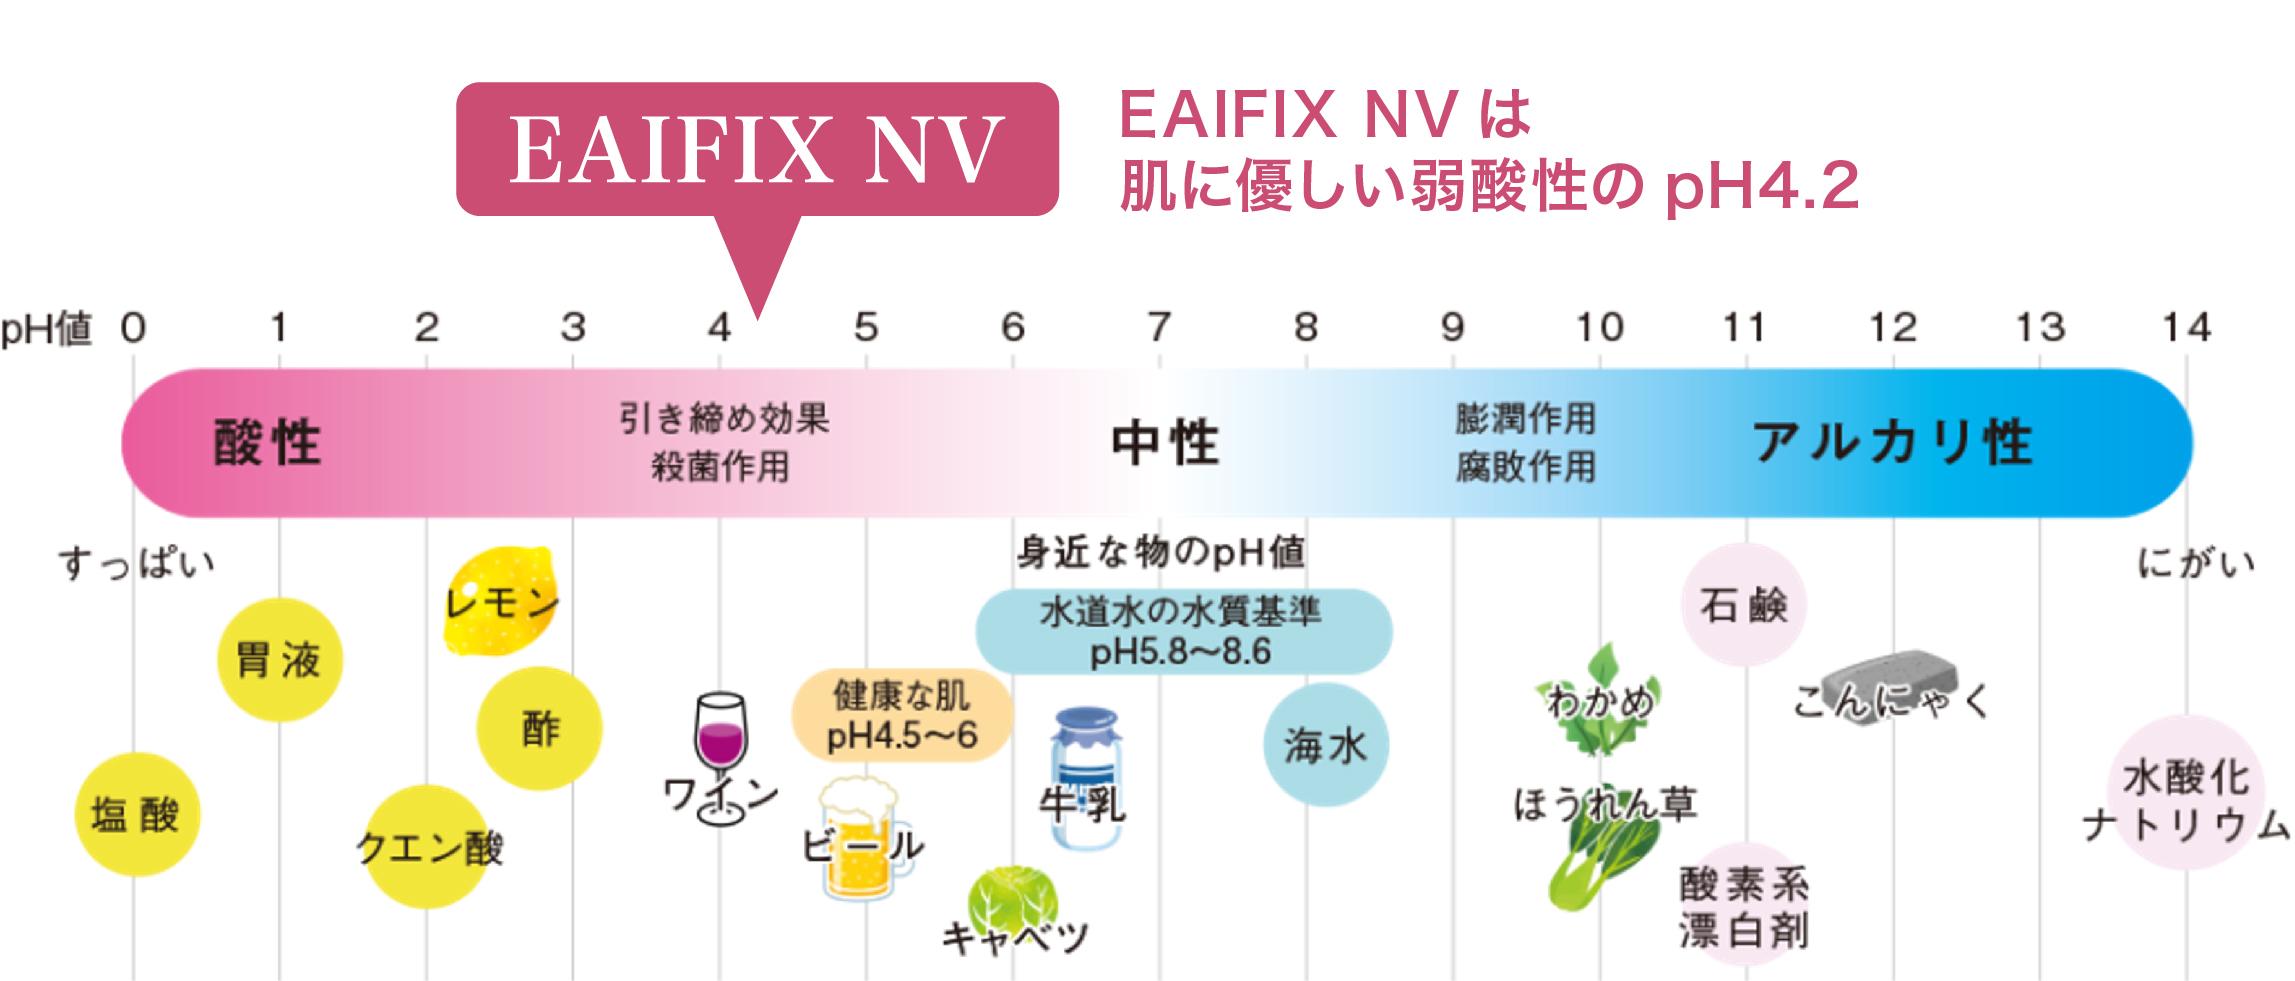 アルコール消毒液-EAIFIX NVのpH値説明図